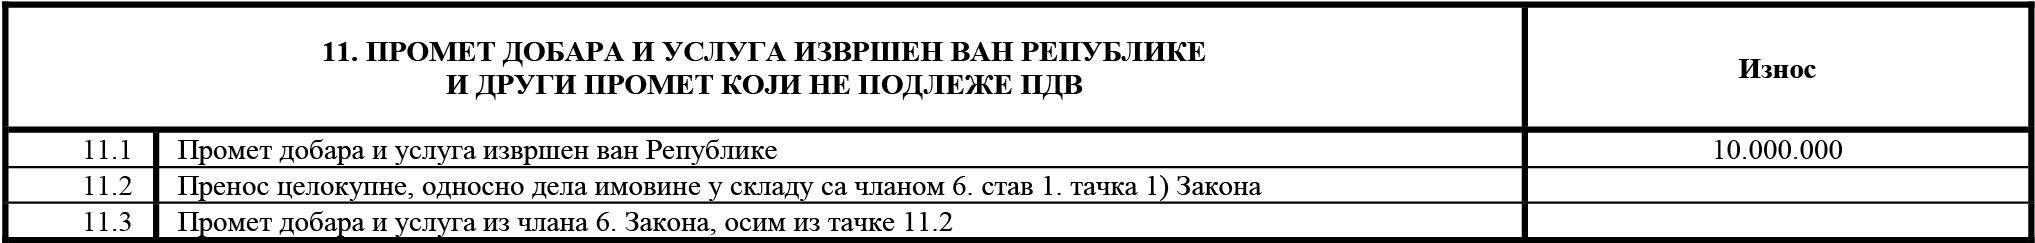 uputstvo PU obrazac POPDV primer 134